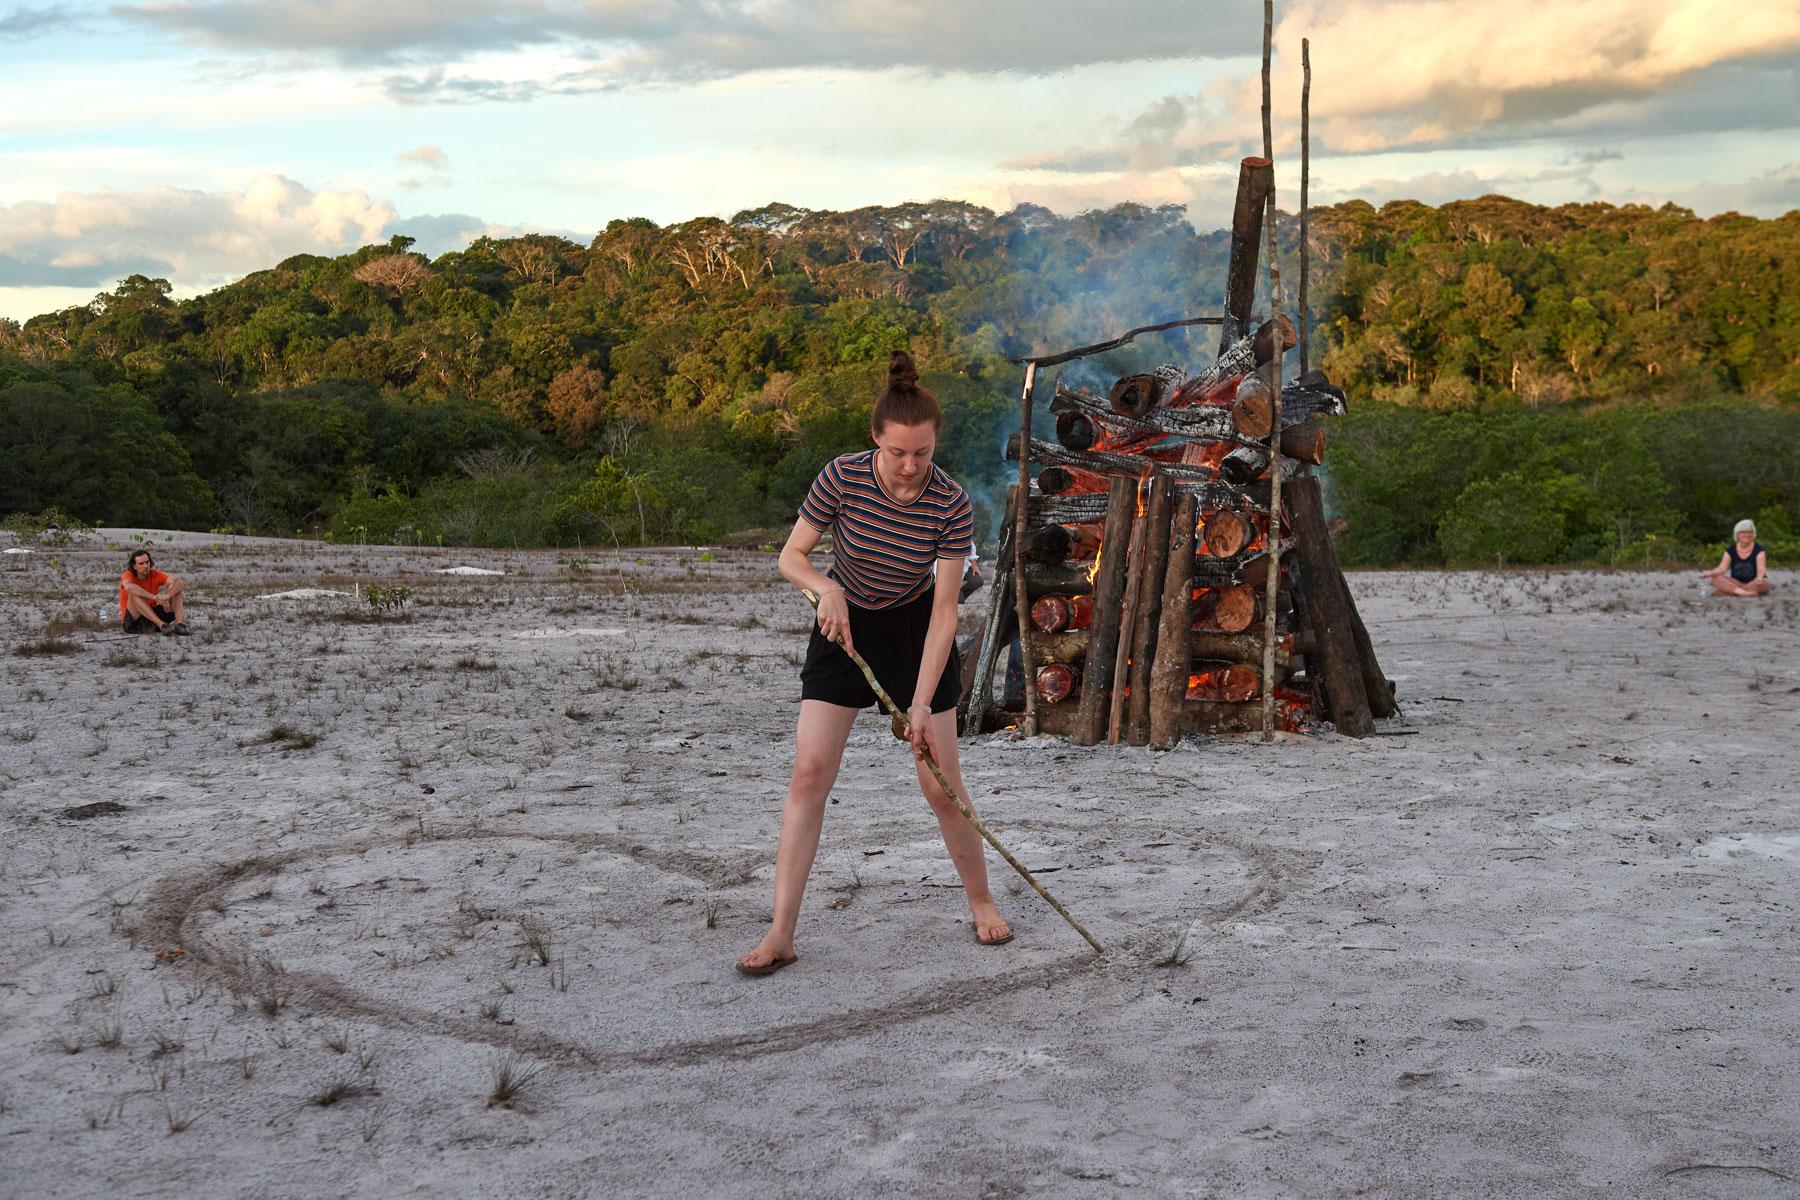 Foto einer jungen Frau, die vor einem brennenden Holzstapel mit einem Stock ein Herz in den Sand malt